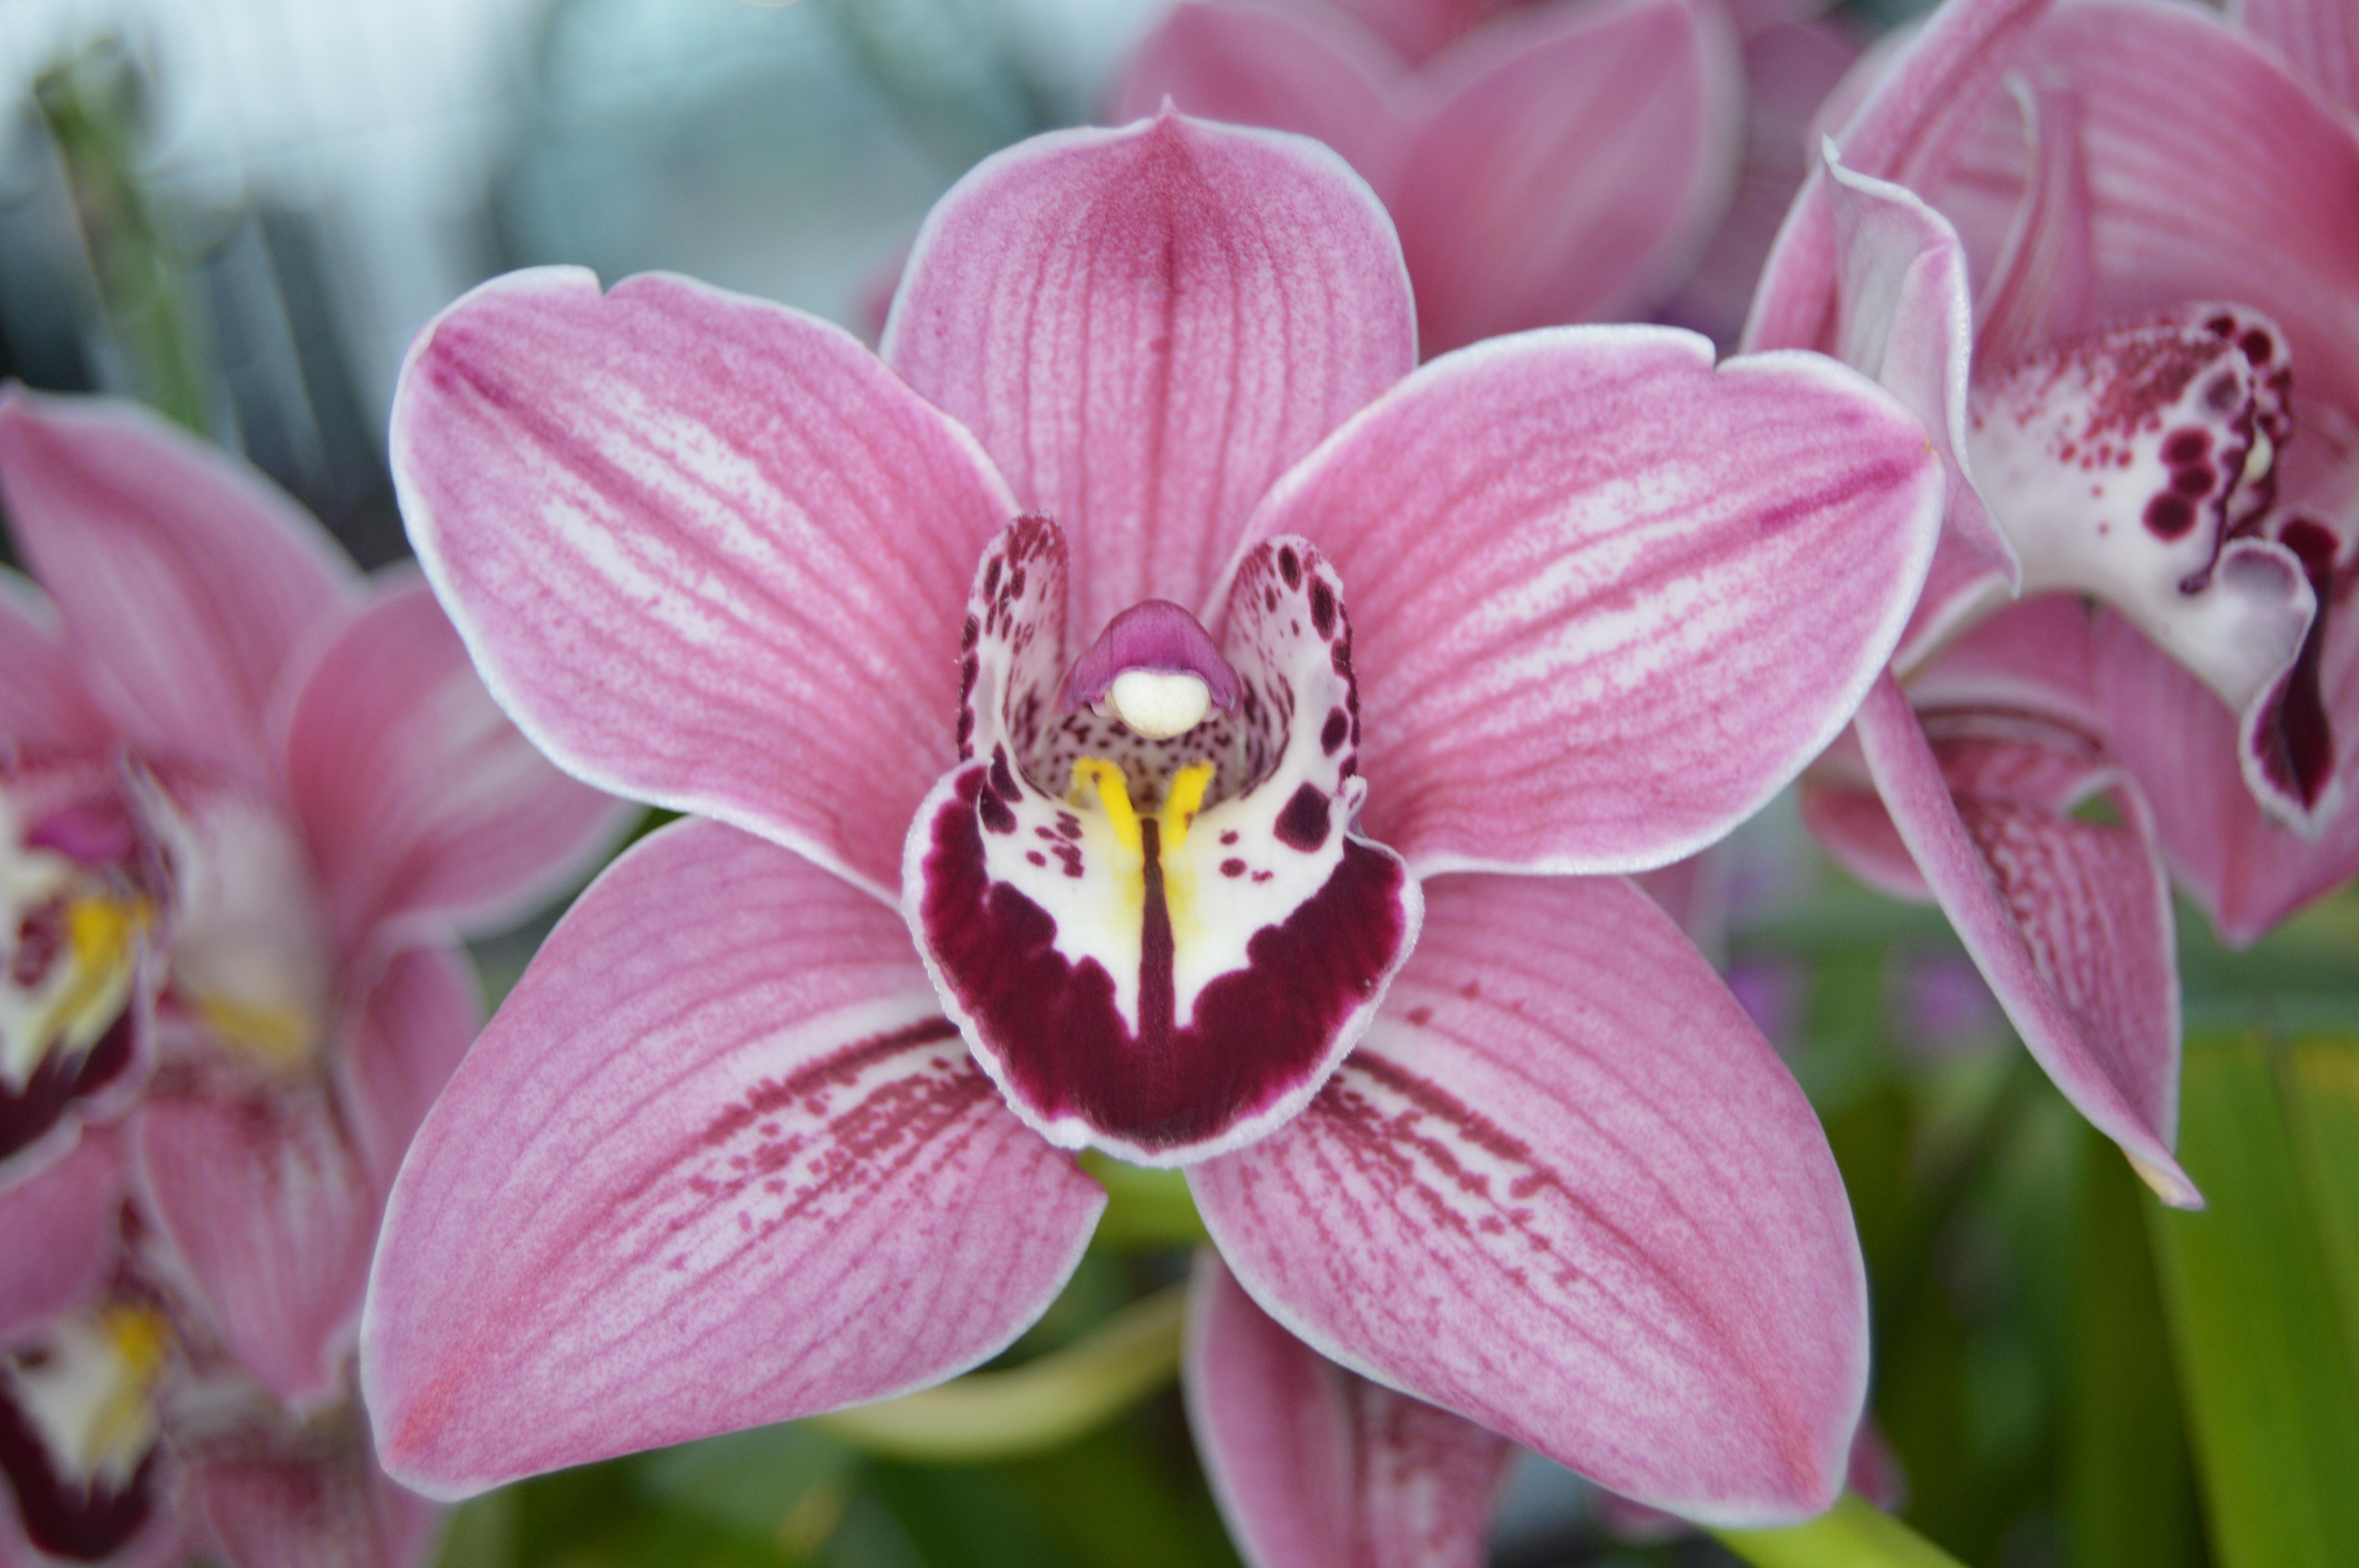 fotos gratis naturaleza flor pétalo florecer botánica rosado